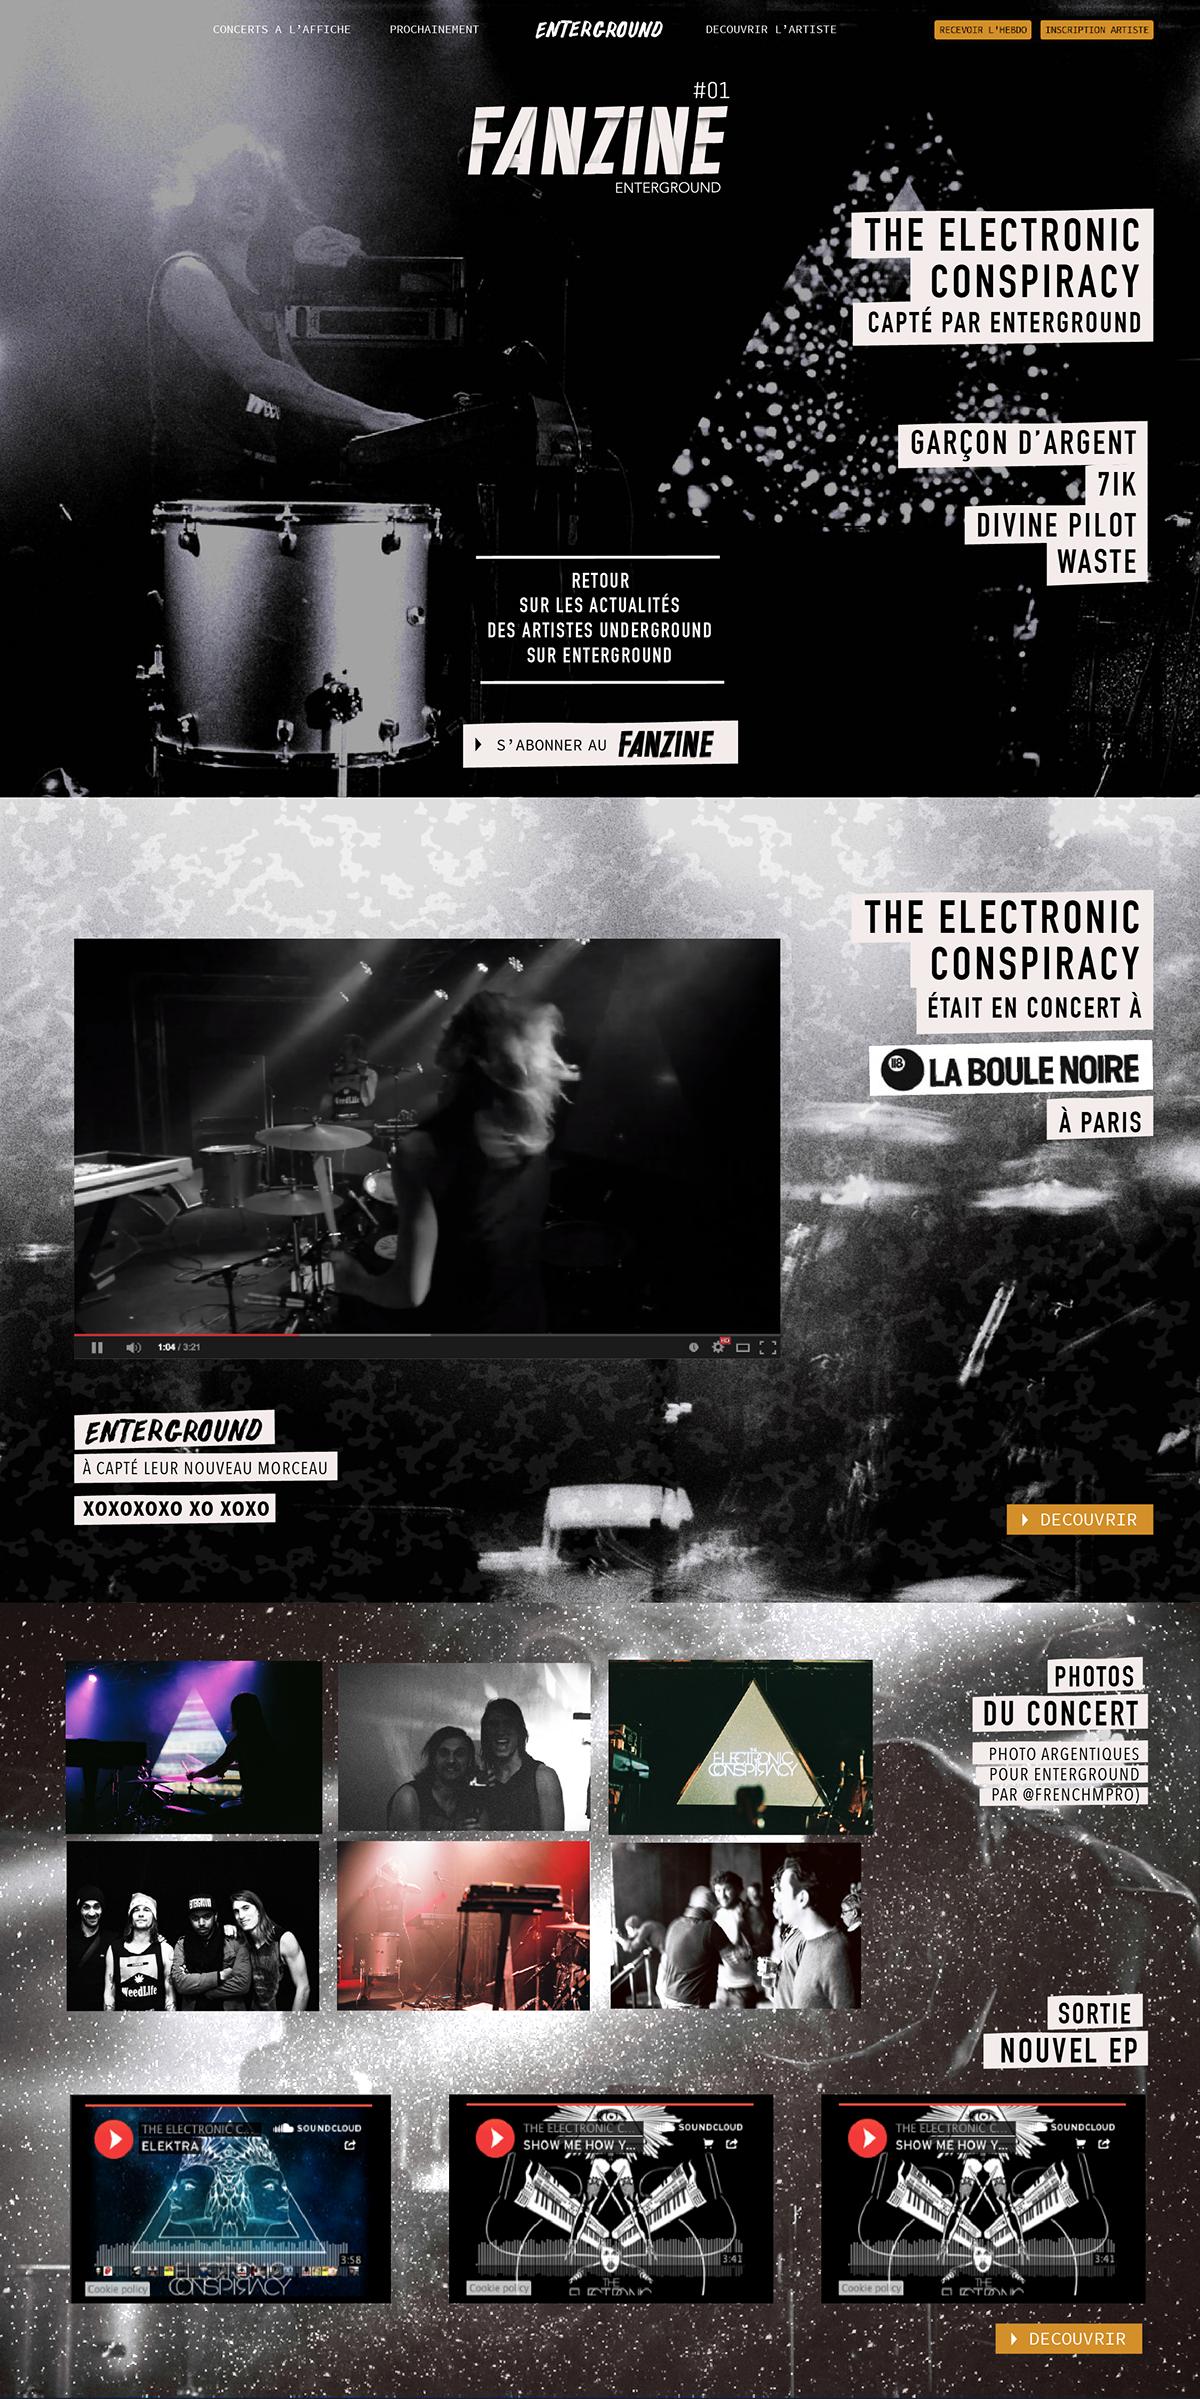 fanzine newsletter Enterground Musique pop electro underground Webdesign Responsive artistes concert Paris